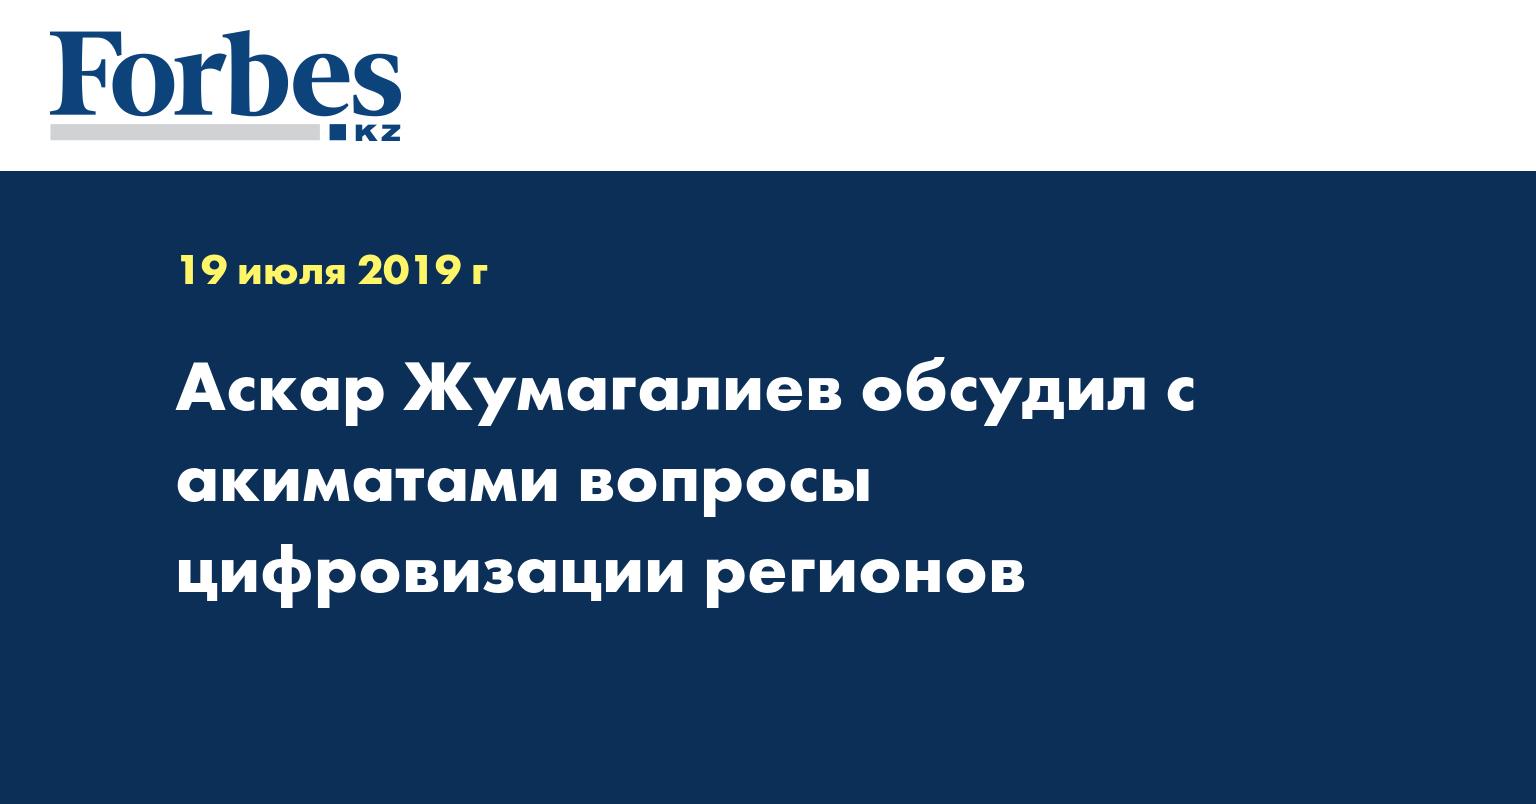 Аскар Жумагалиев обсудил с акиматами вопросы цифровизации регионов